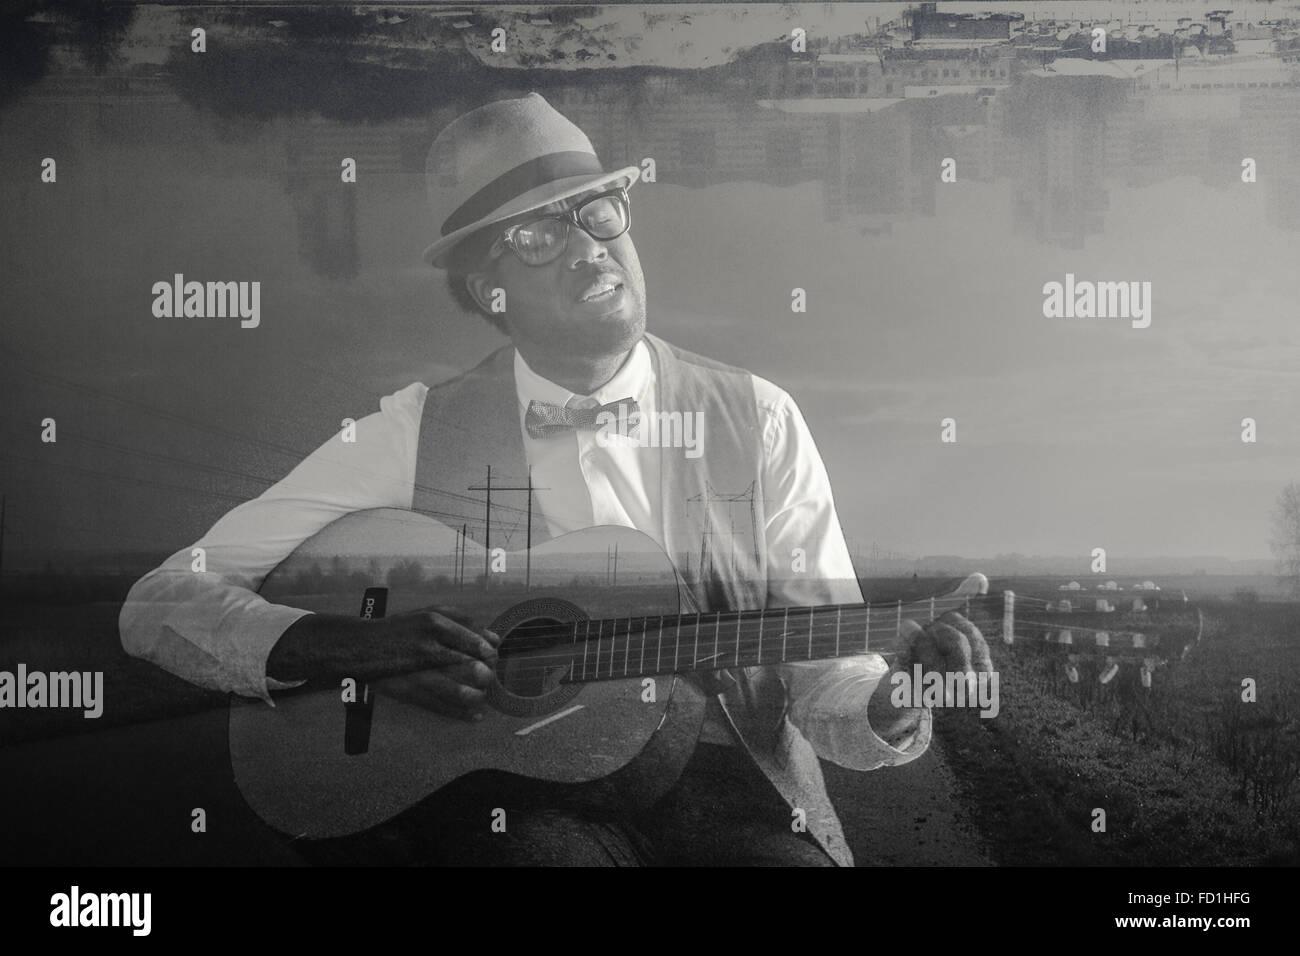 L'homme afro-américain qui joue de la guitare et chant, route rurale et à l'envers la réflexion Photo Stock